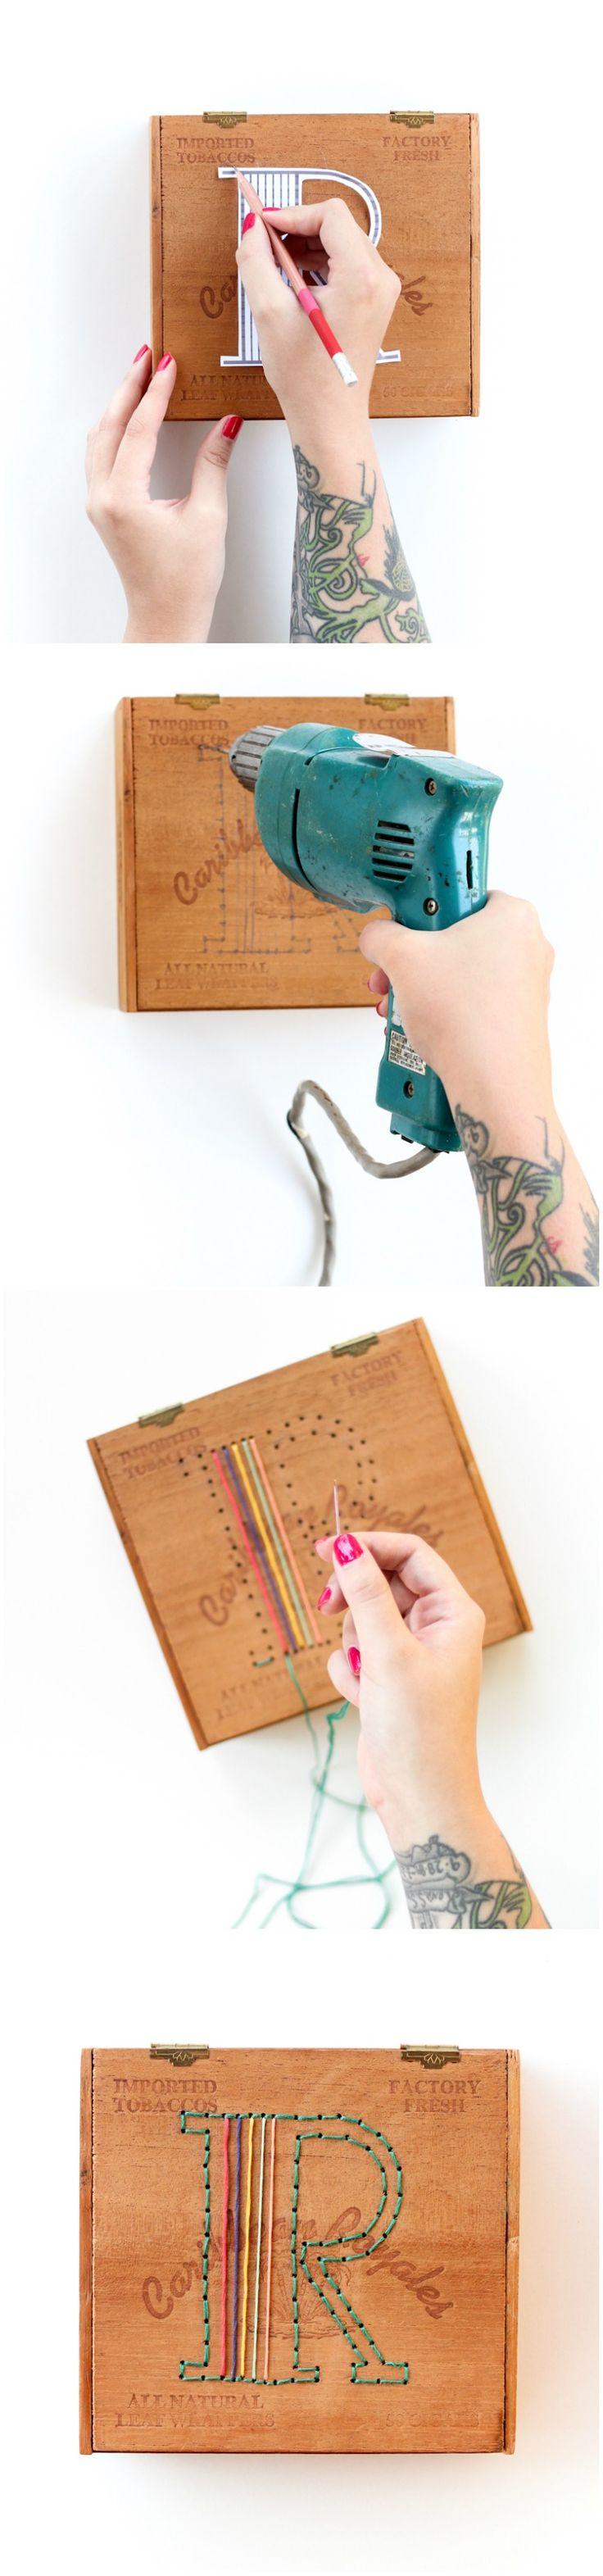 DIY Personnaliser une boîte à cigares en réaliser un motif de lettre en perçant des trous et avec des fils de couleurs Embroidered Cigar Box